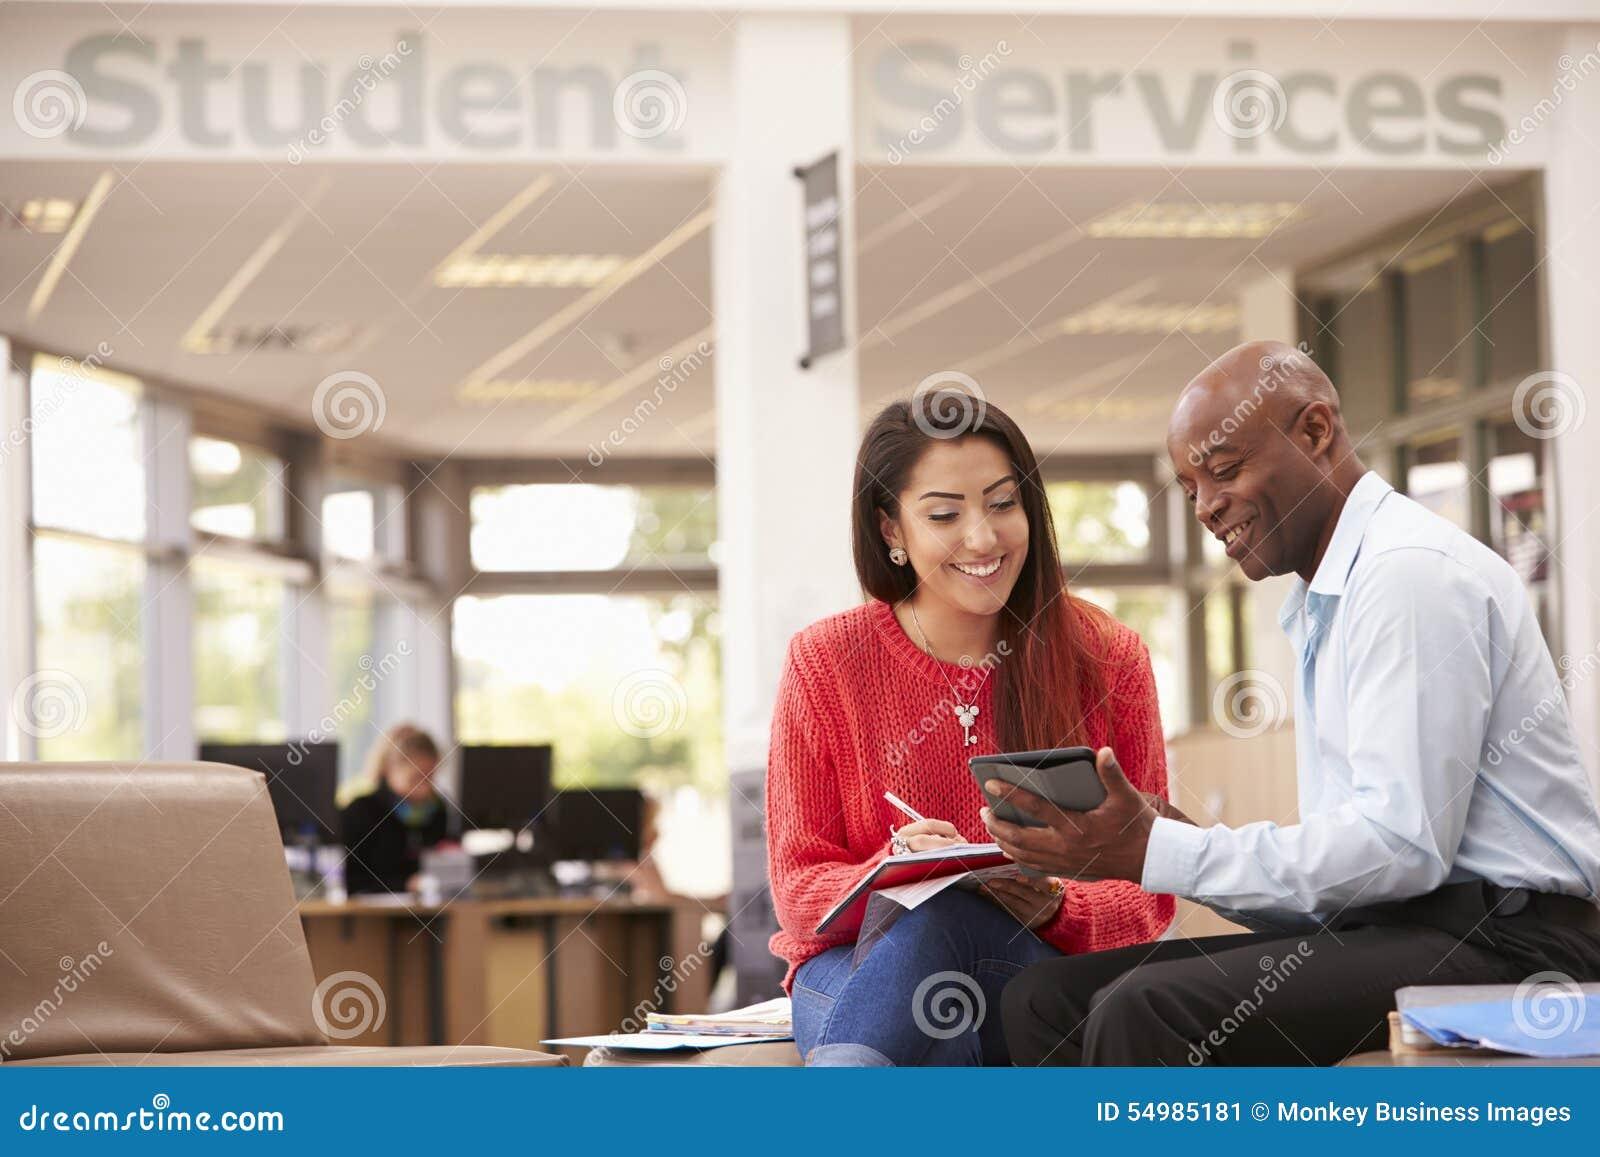 Högskolestudenten Having Meeting With handleder To Discuss Work